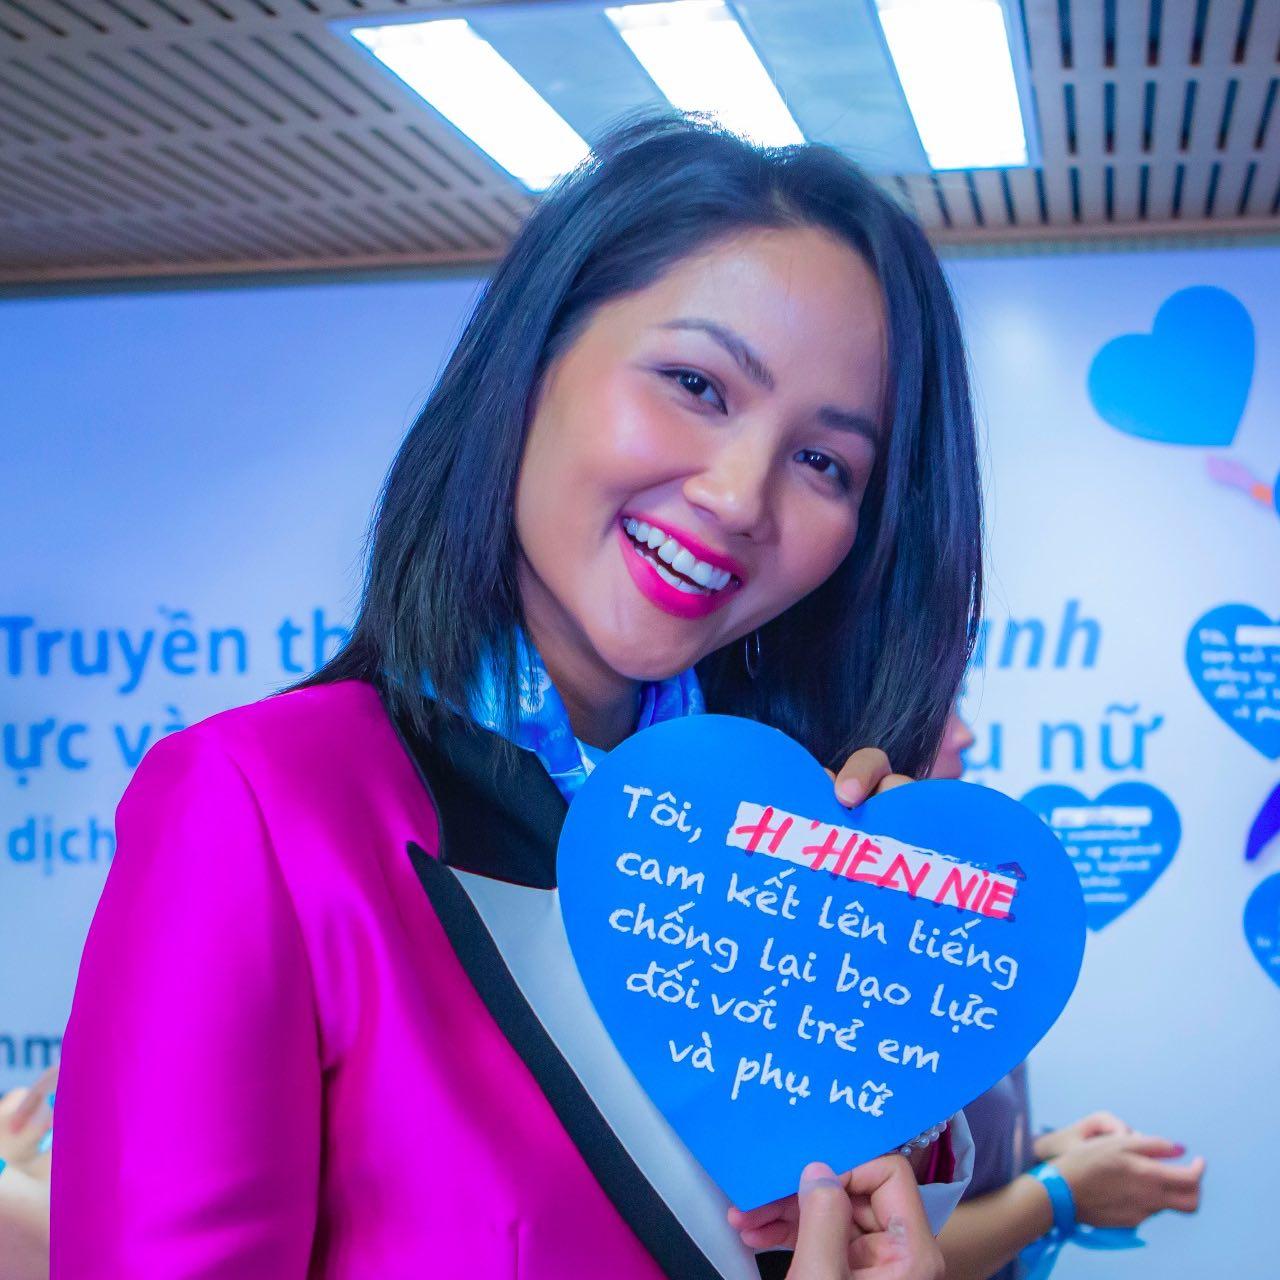 Chiến dịch truyền thông của UNICEF